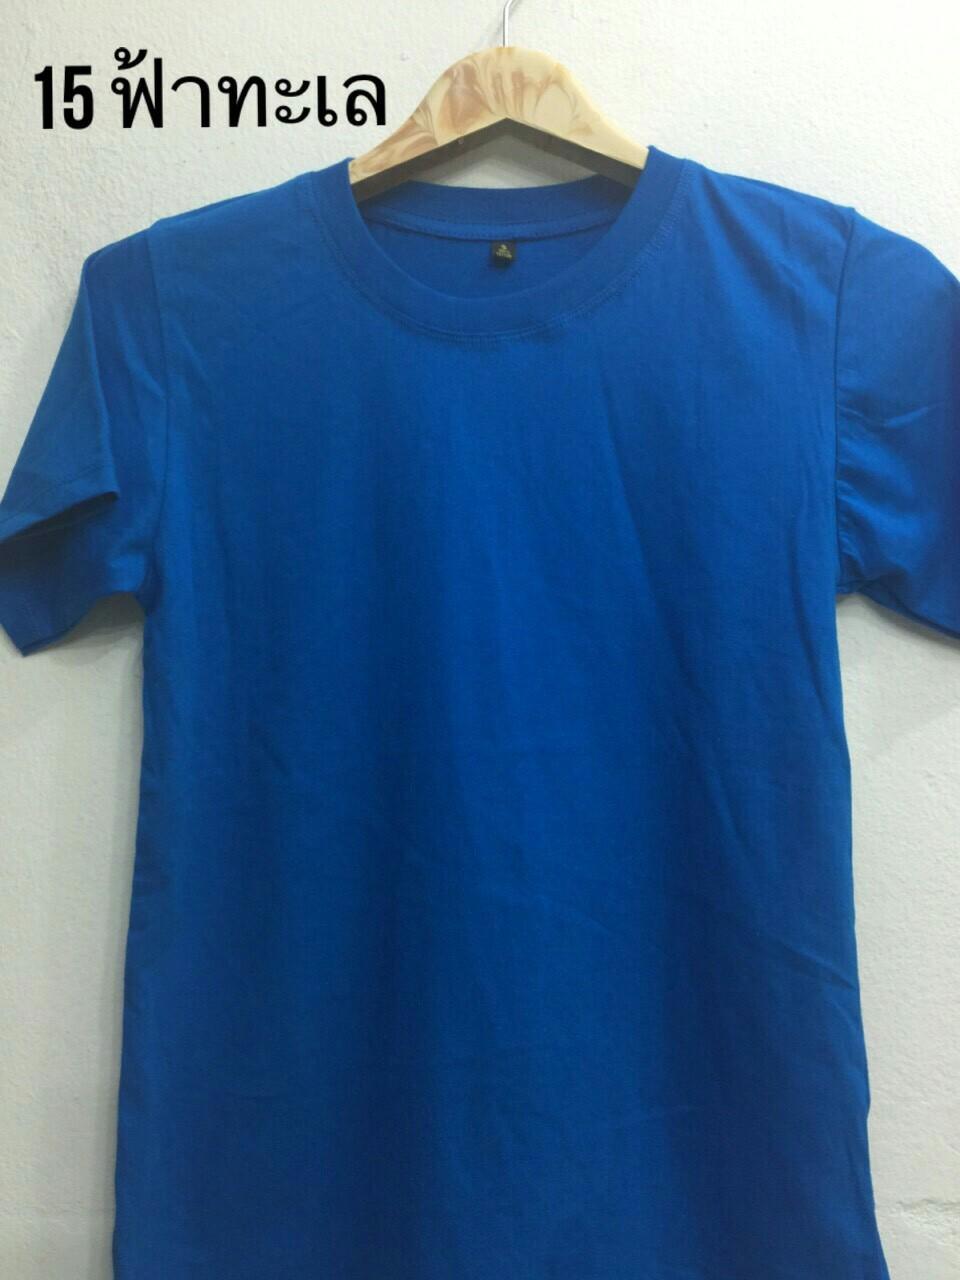 เสื้อ Cotton สีฟ้าทะเล ไซส์ S,M,L